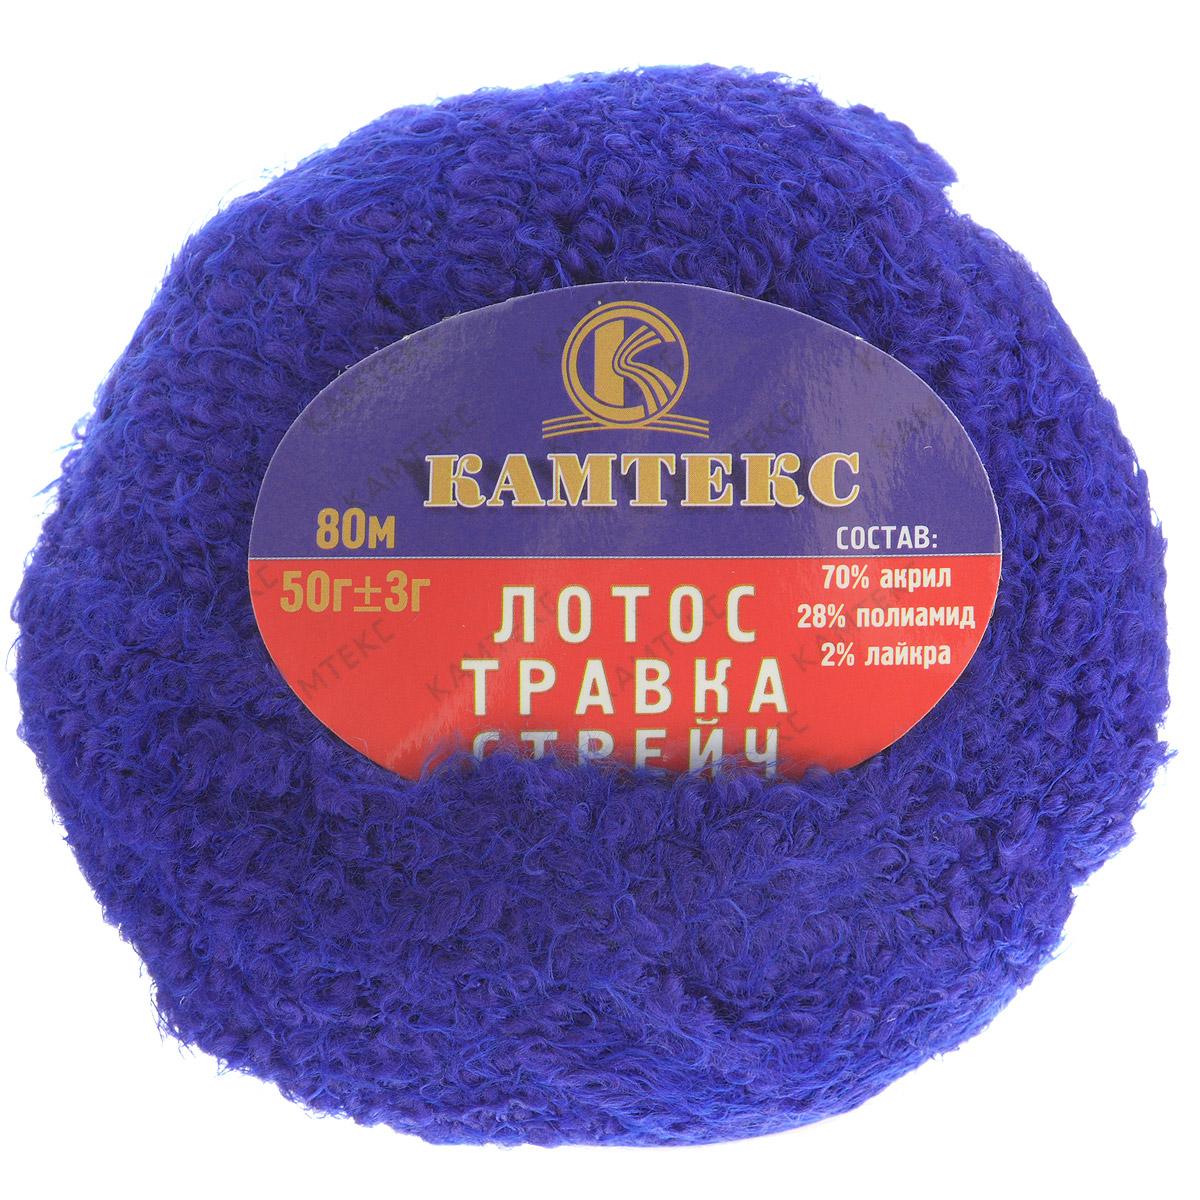 Пряжа для вязания Камтекс Лотос травка стрейч, цвет: василек (019), 80 м, 50 г, 10 шт136081_019Пряжа для вязания Камтекс Лотос травка стрейч имеет интересный и необычный состав: 70% акрил, 28% полиамид, 2% лайкра. Акрил отвечает за мягкость, полиамид за прочность и формоустойчивость, а лайкра делает полотно необыкновенно эластичным. Эта волшебная плюшевая ниточка удивляет своей мягкостью, вяжется очень просто и быстро, ворсинки не путаются. Из этой пряжи получатся замечательные мягкие игрушки, которые будут, не только приятны, но и абсолютно безопасны для маленьких детей. А яркие и сочные оттенки подарят ребенку радость и хорошее настроение.